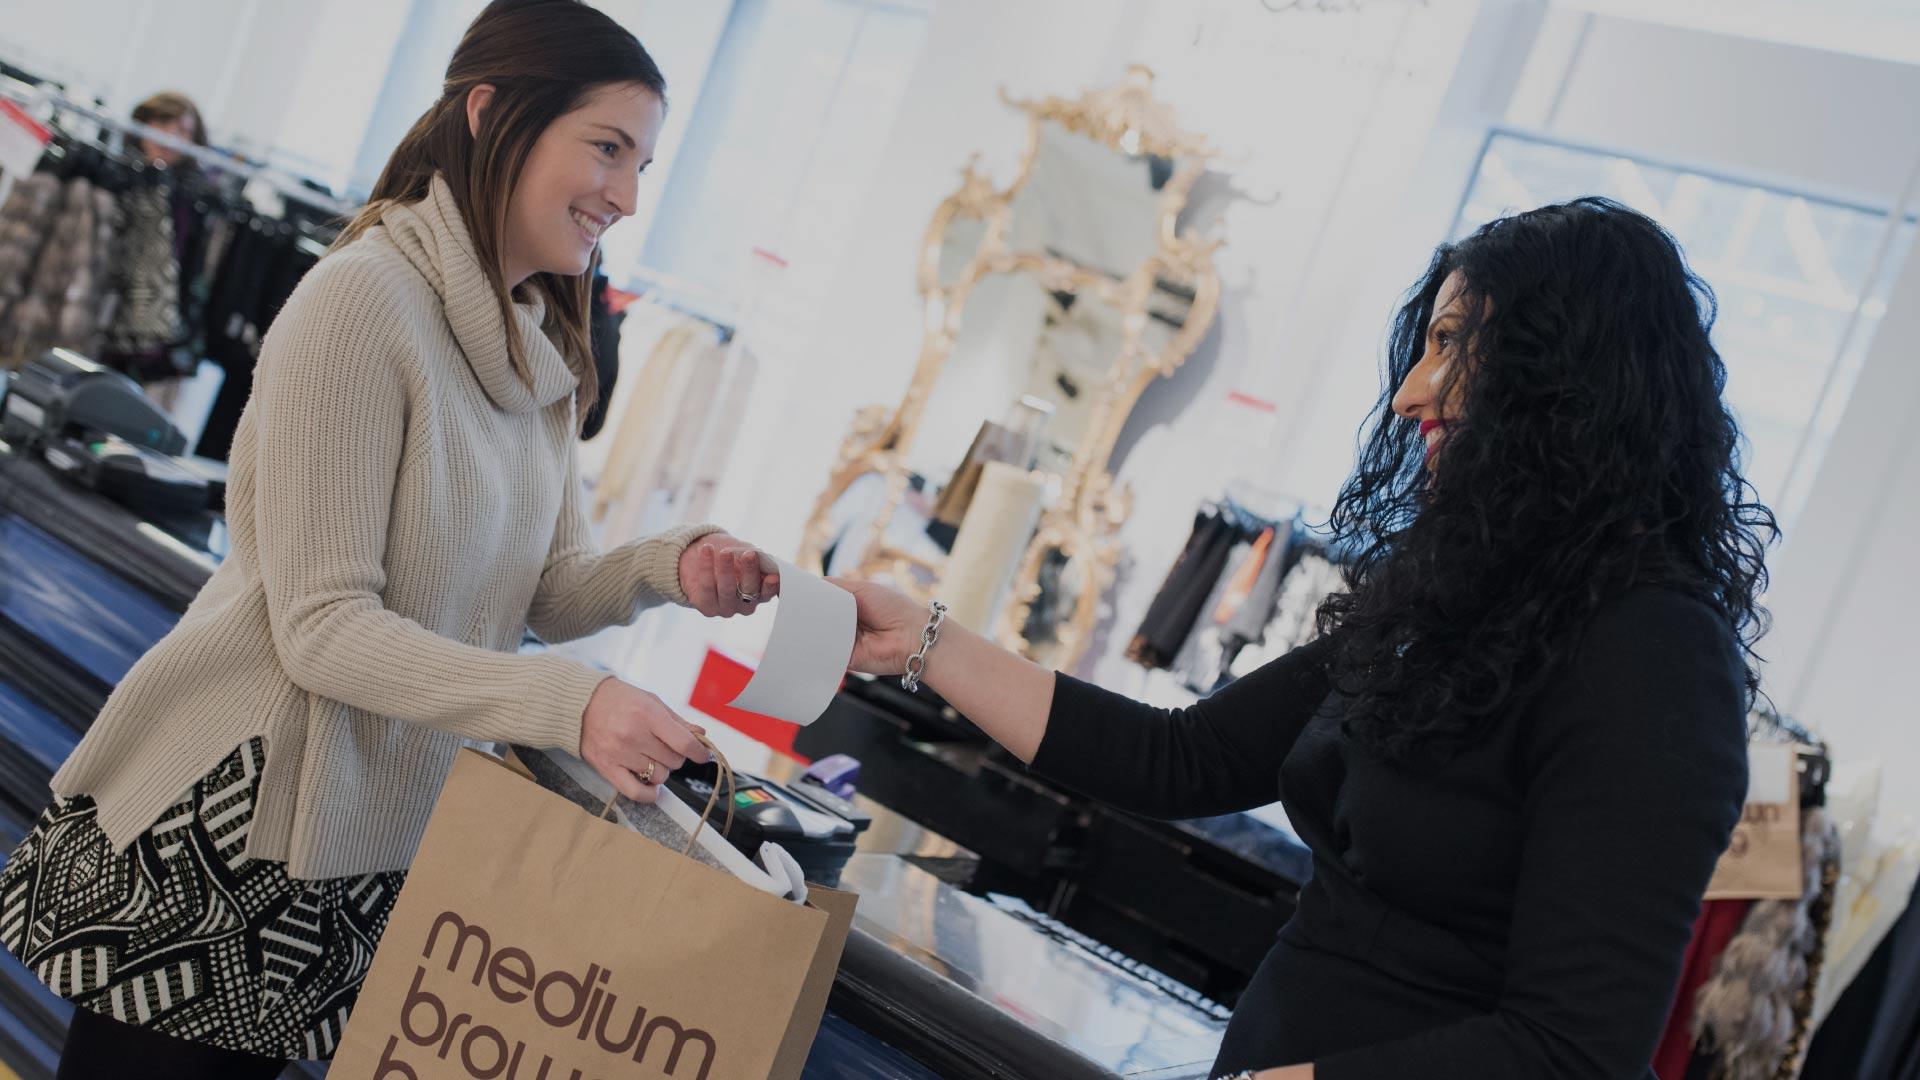 Macy's is hiring seasonal holiday employees - Bloomingdale hiring event for seasonal workers